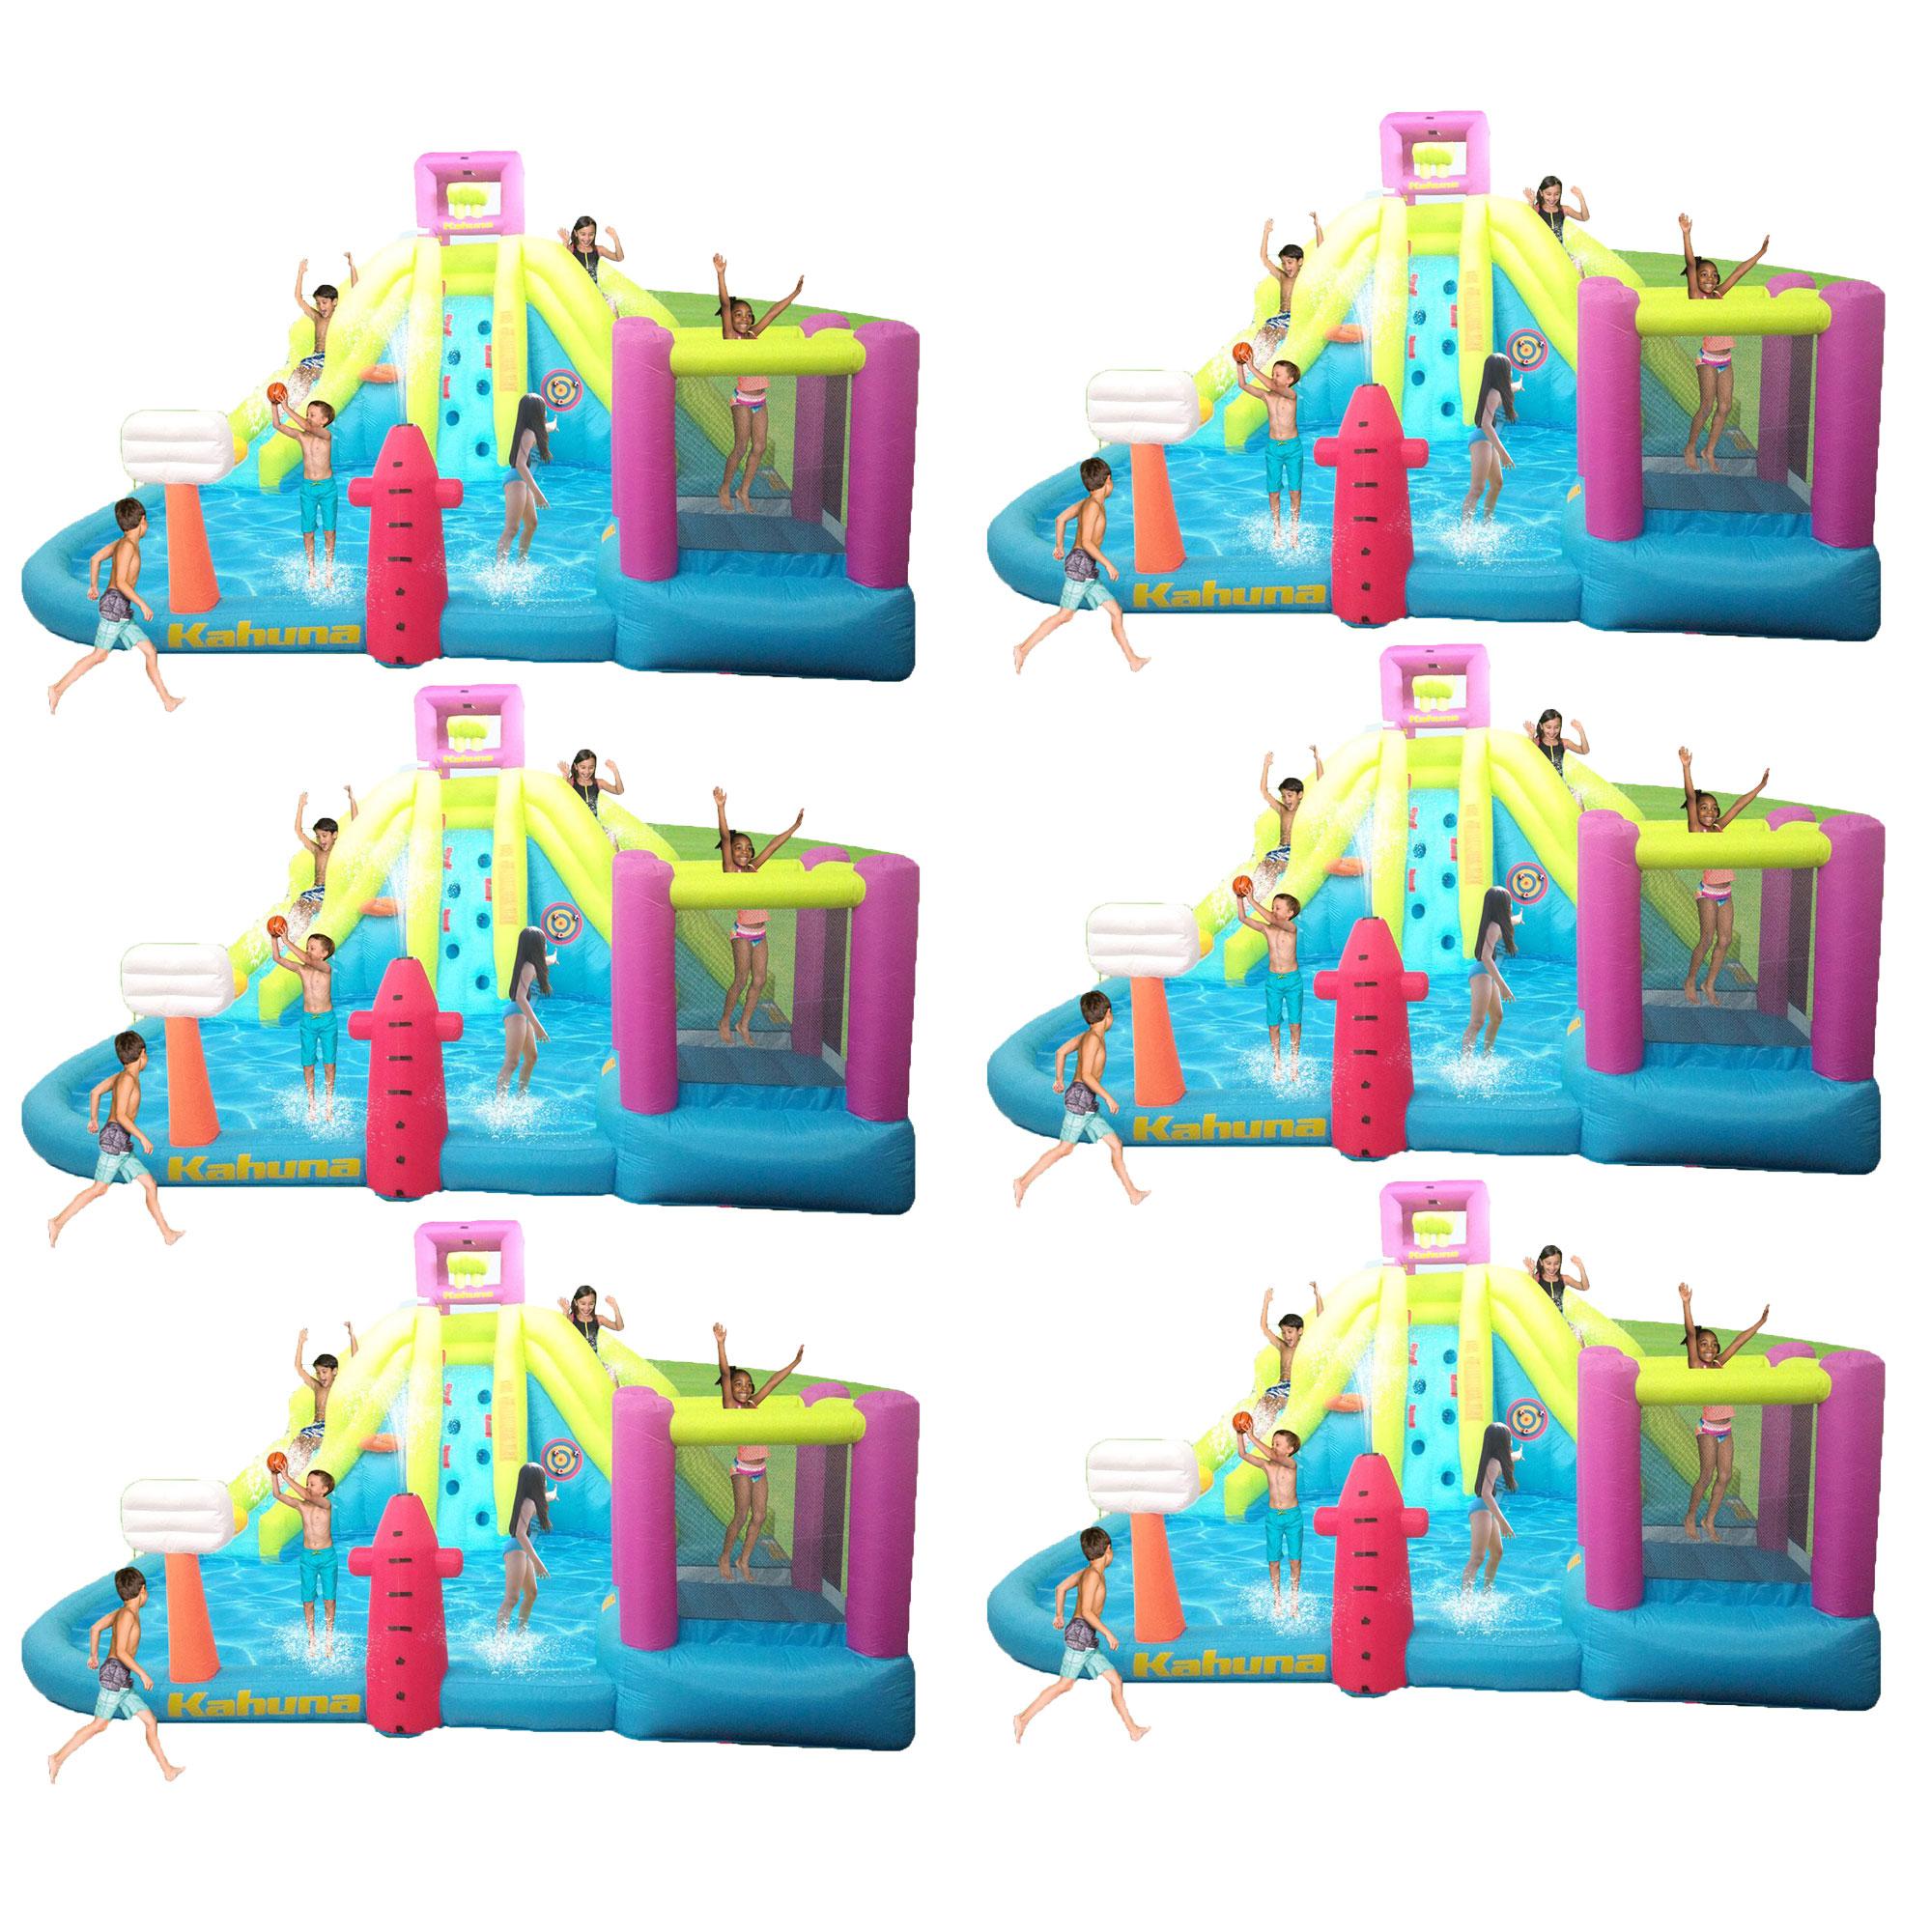 Spielzeug für draußen Intex Kids Backyard Fun Play Pool Volleyball Game Slide Inflatable Center Sum...